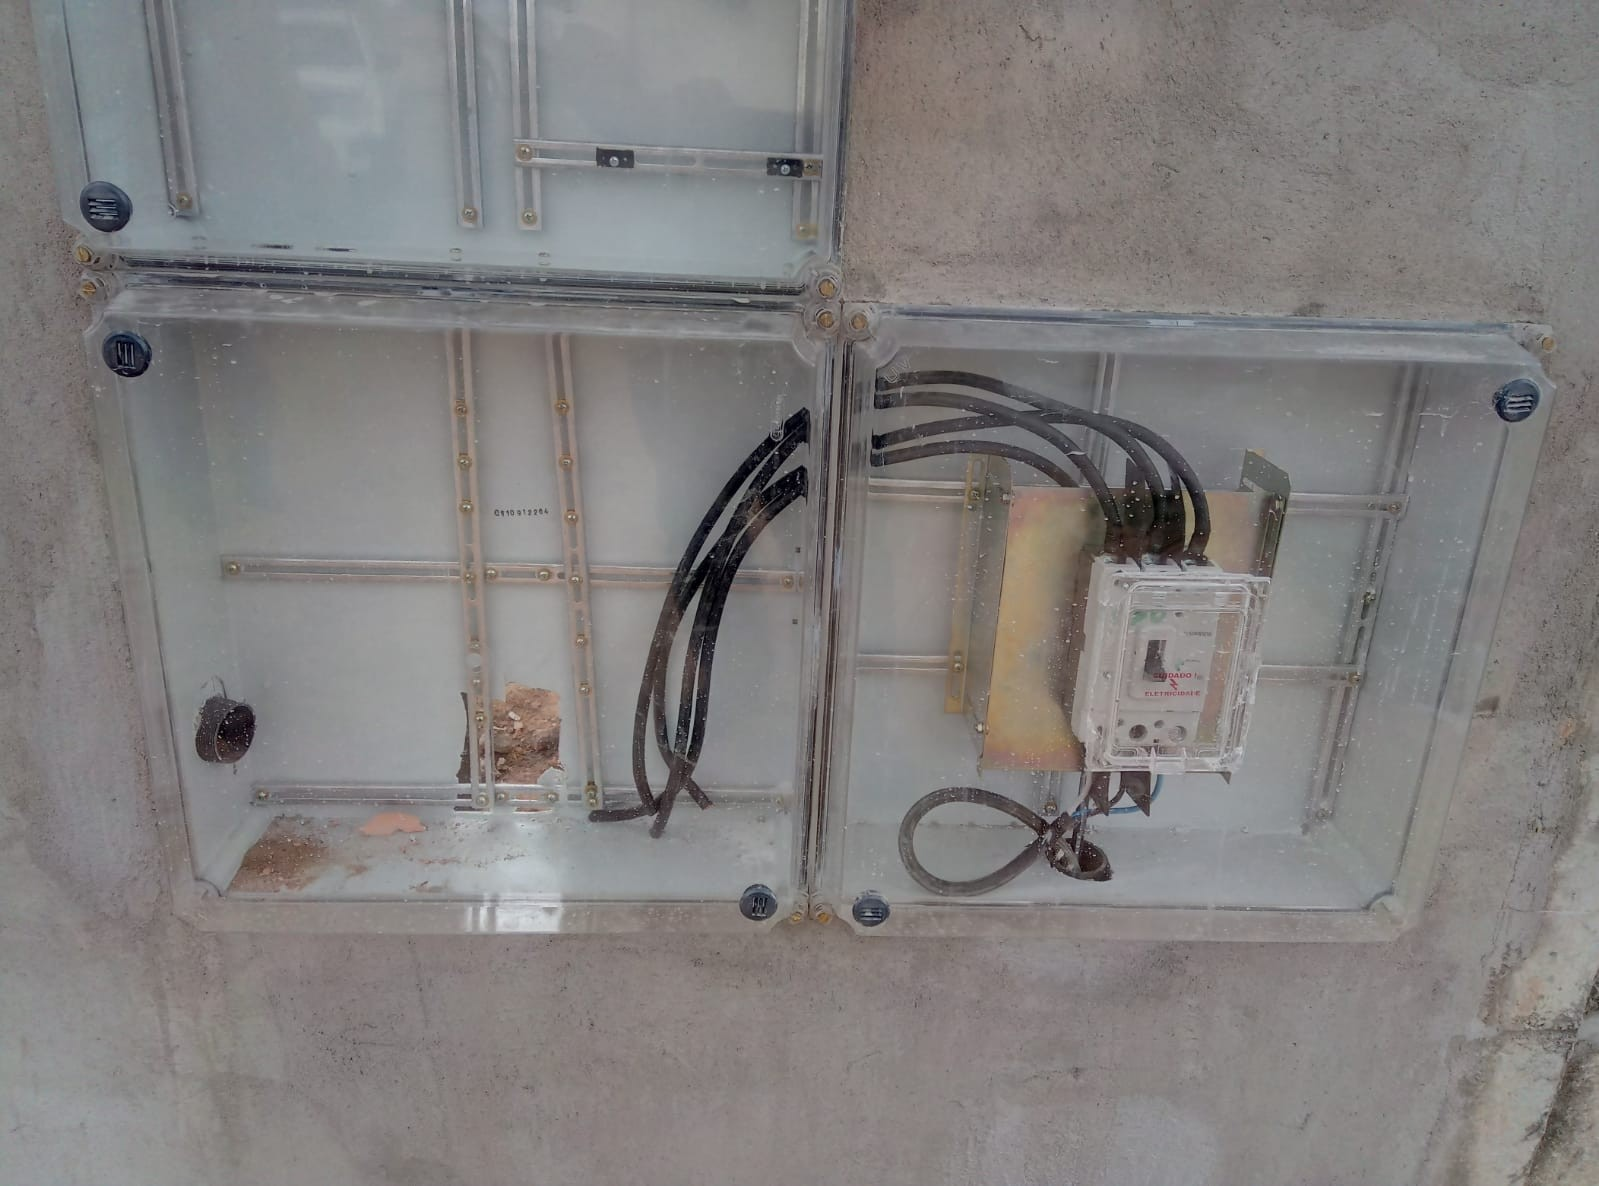 Ladrões furtam fios de poço artesiano da Companhia de Água de Roraima pela 2ª vez em menos de uma semana